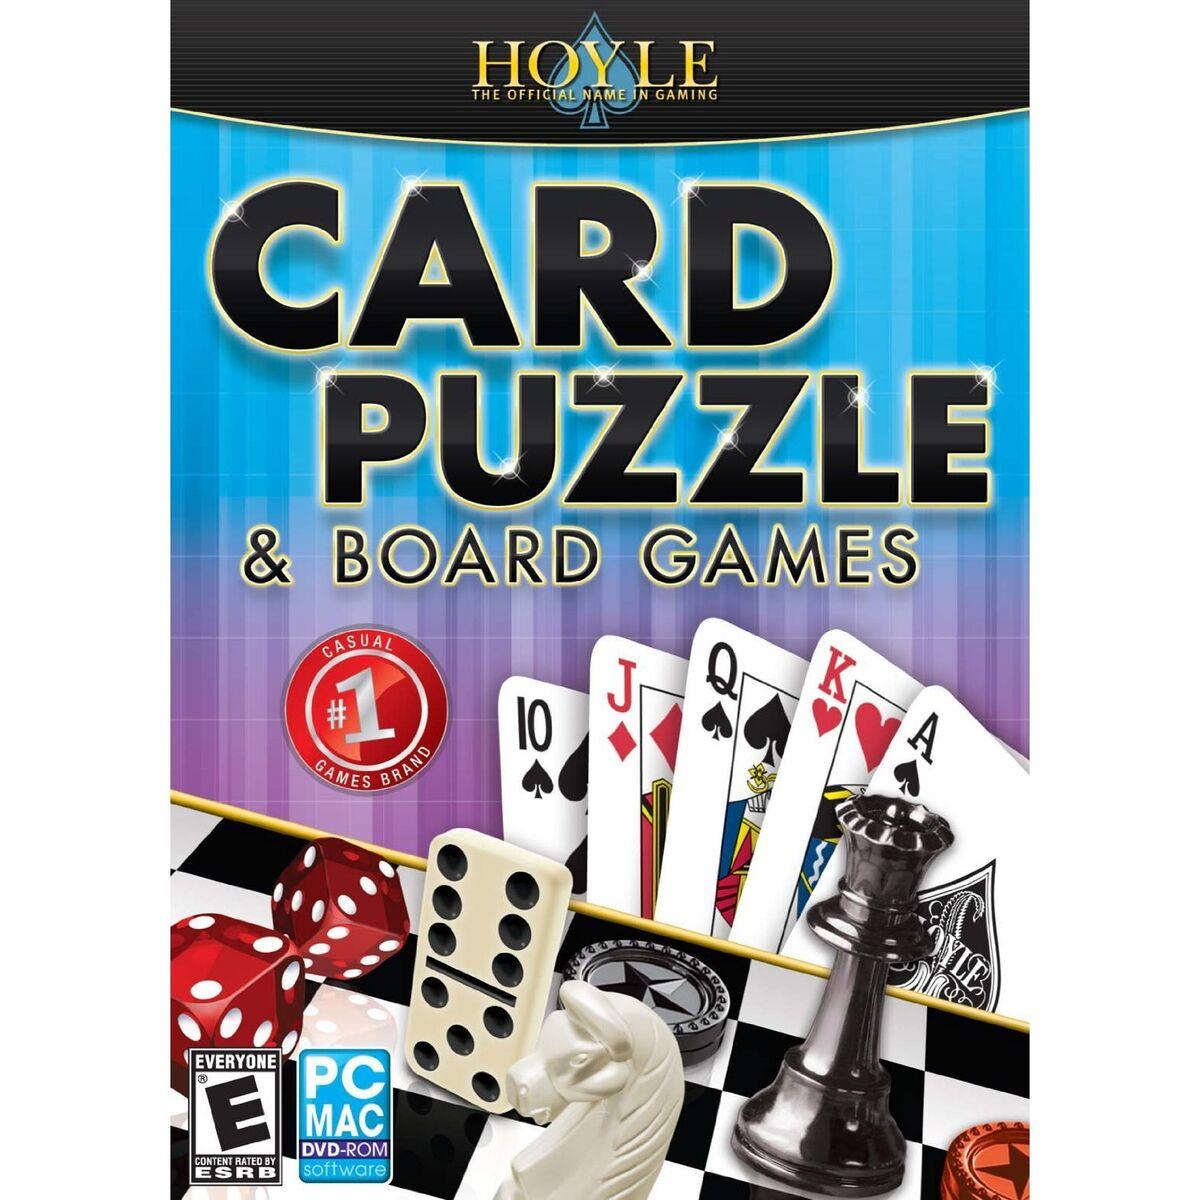 hoyle casino 2013 review